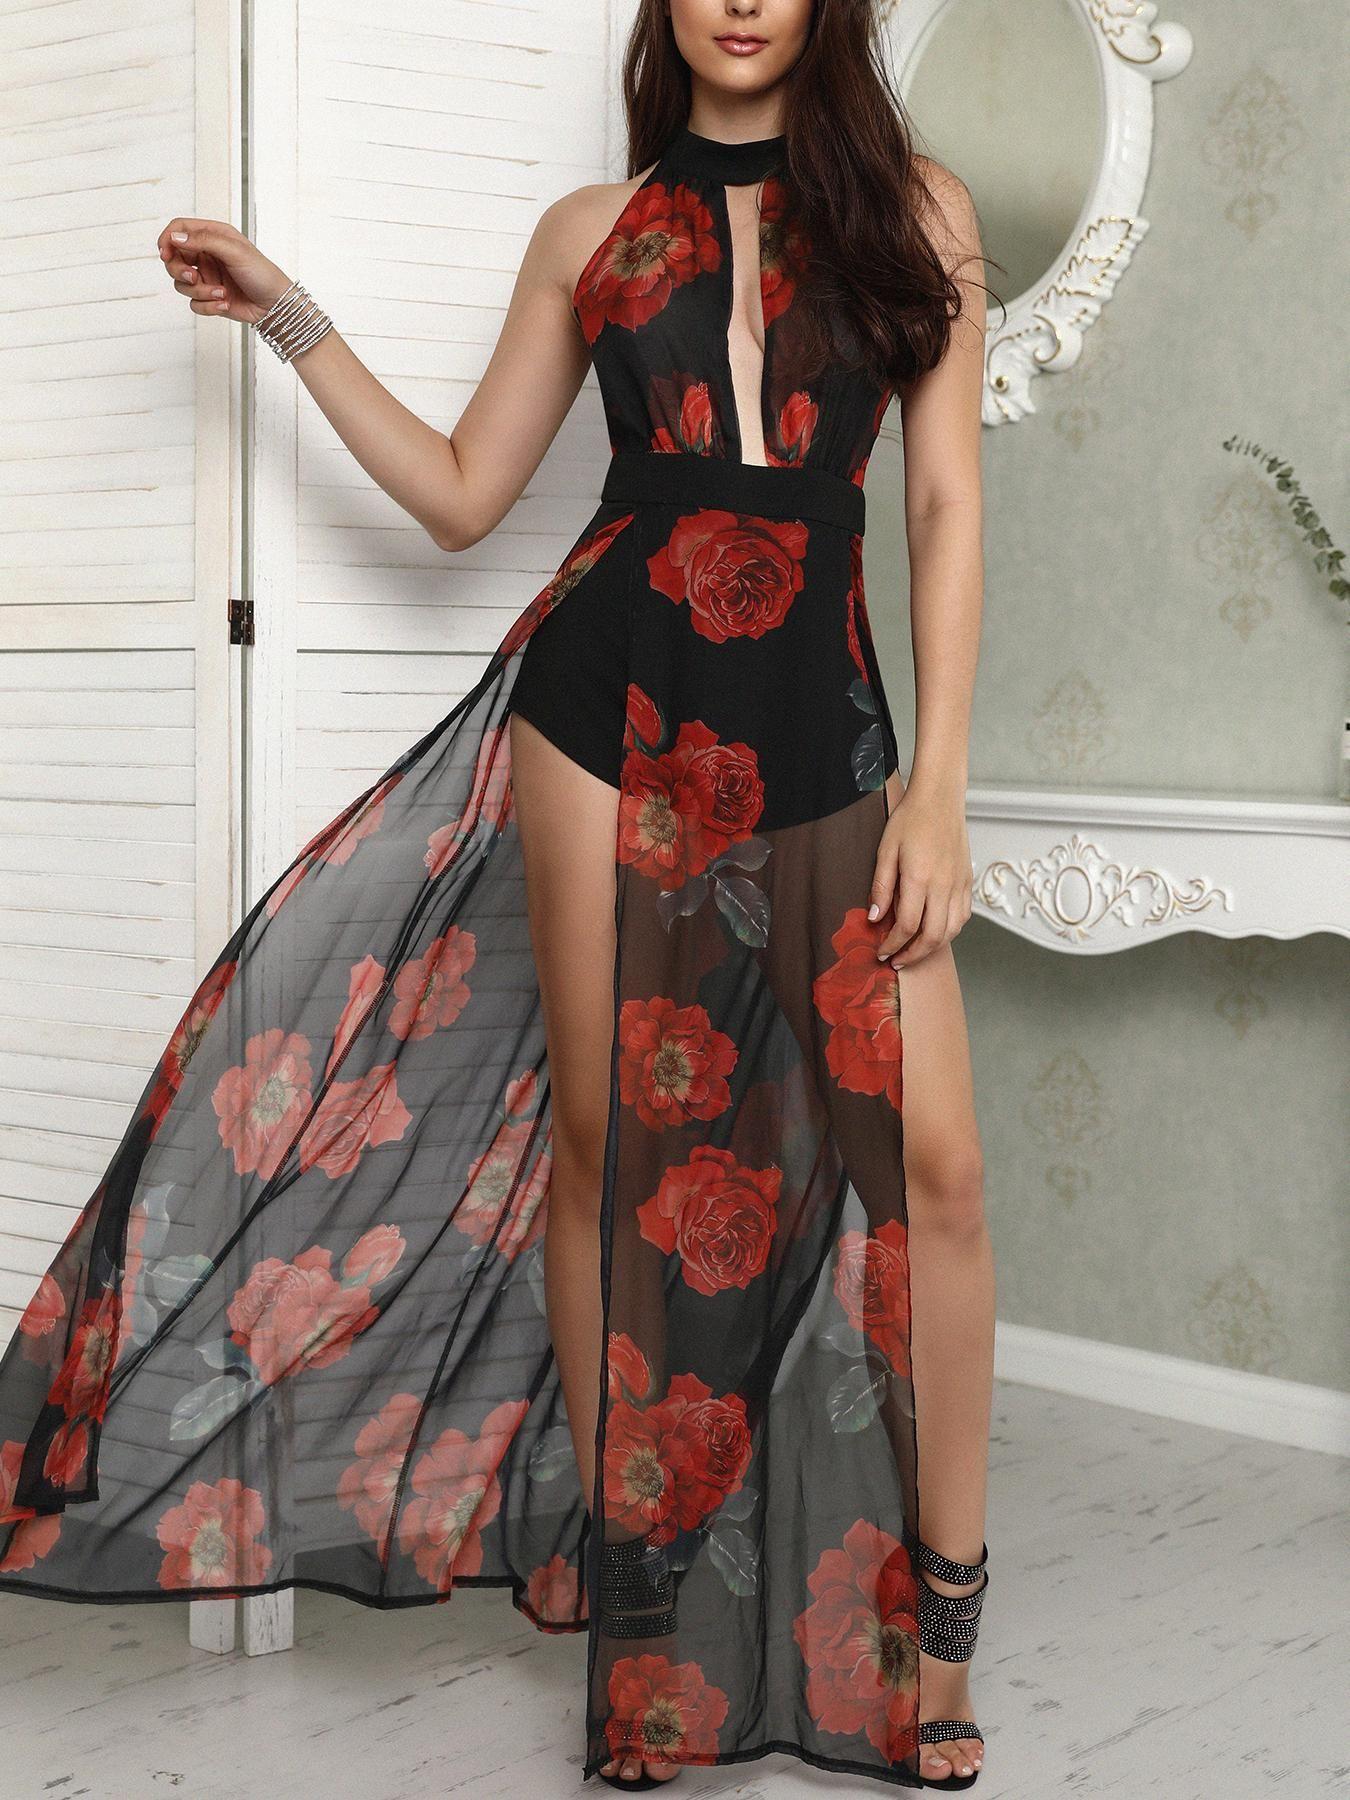 2ea35c52ad69 Floral Print Halter Cutout High Slit Maxi Romper Dress